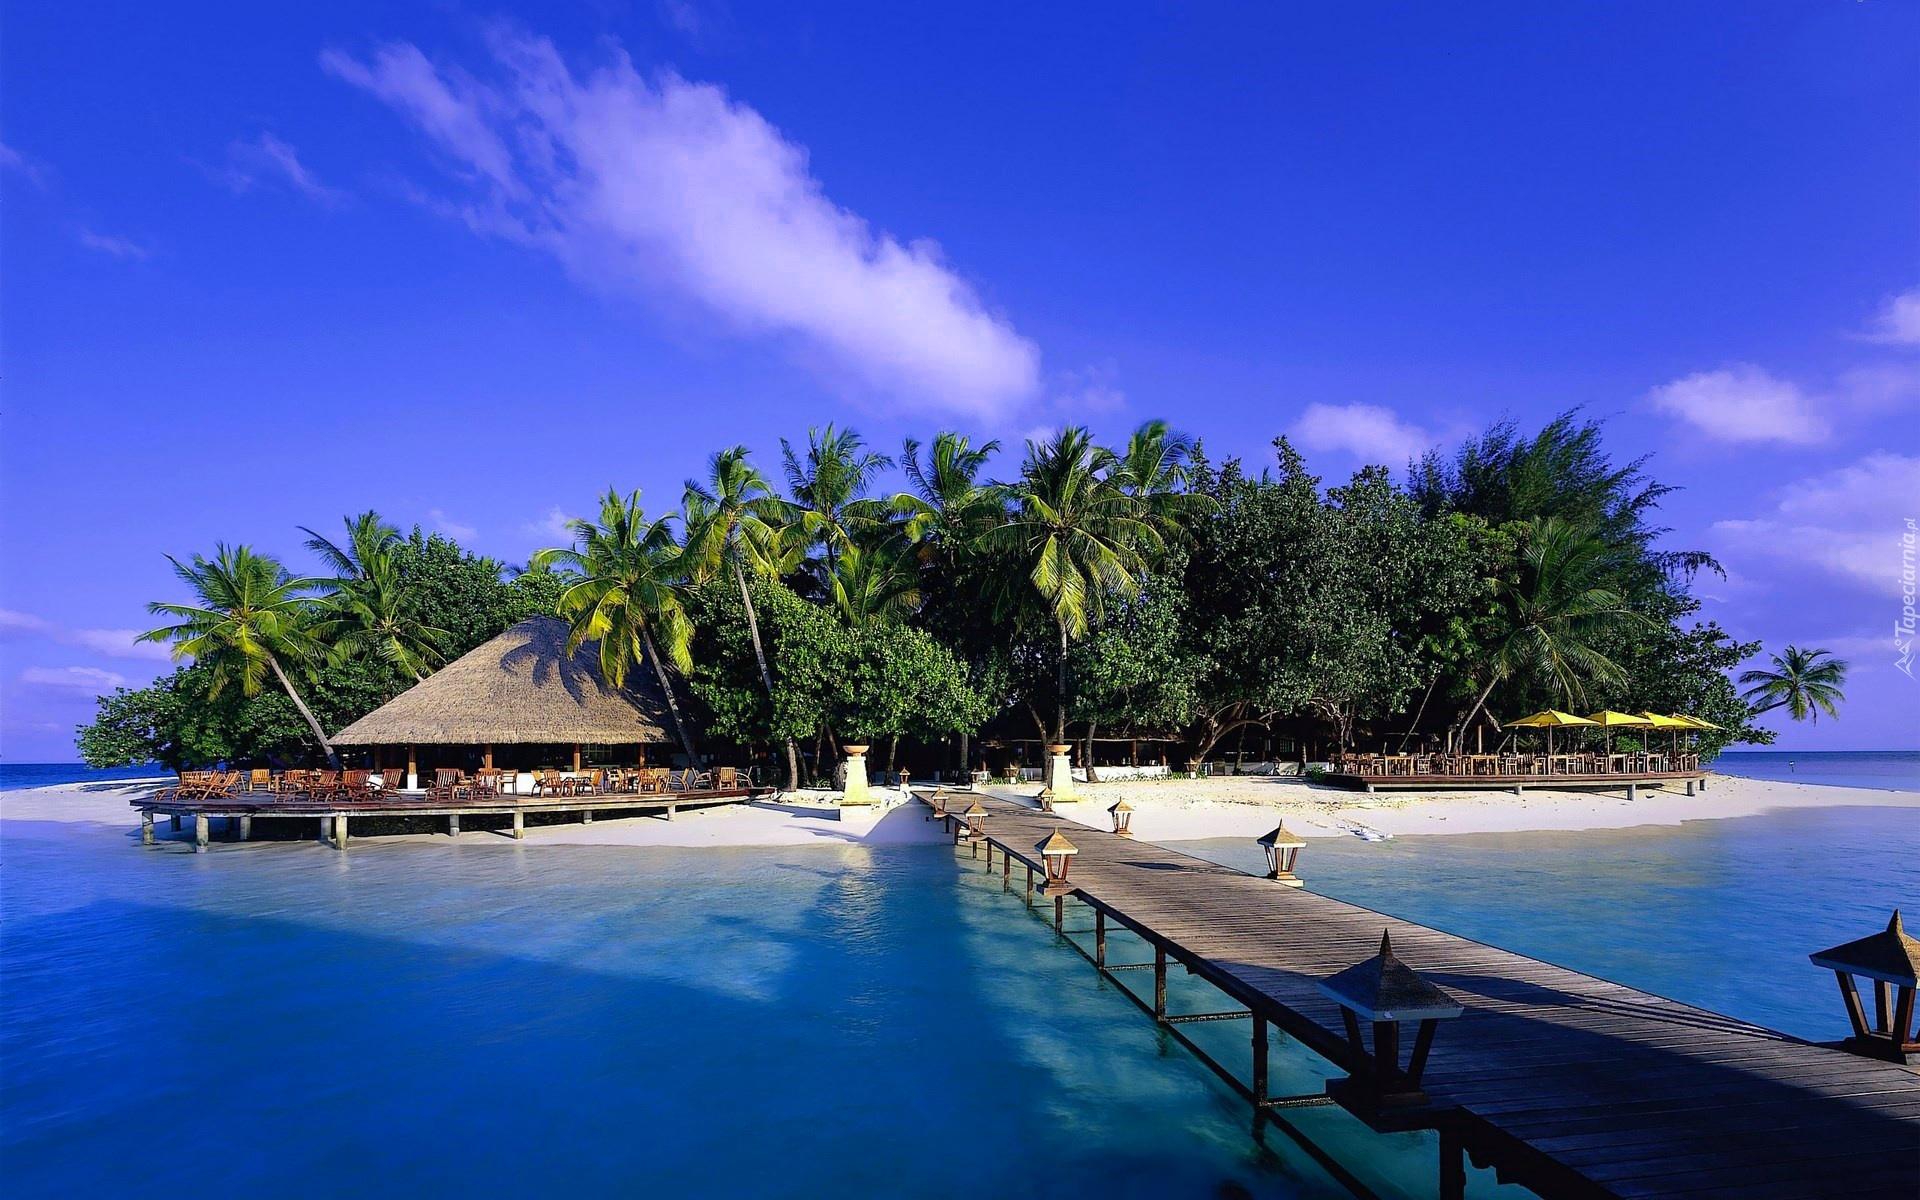 Summer Beach Scene 4k Hd Desktop Wallpaper For 4k Ultra Hd: Ocean, Molo, Wyspa, Malediwy